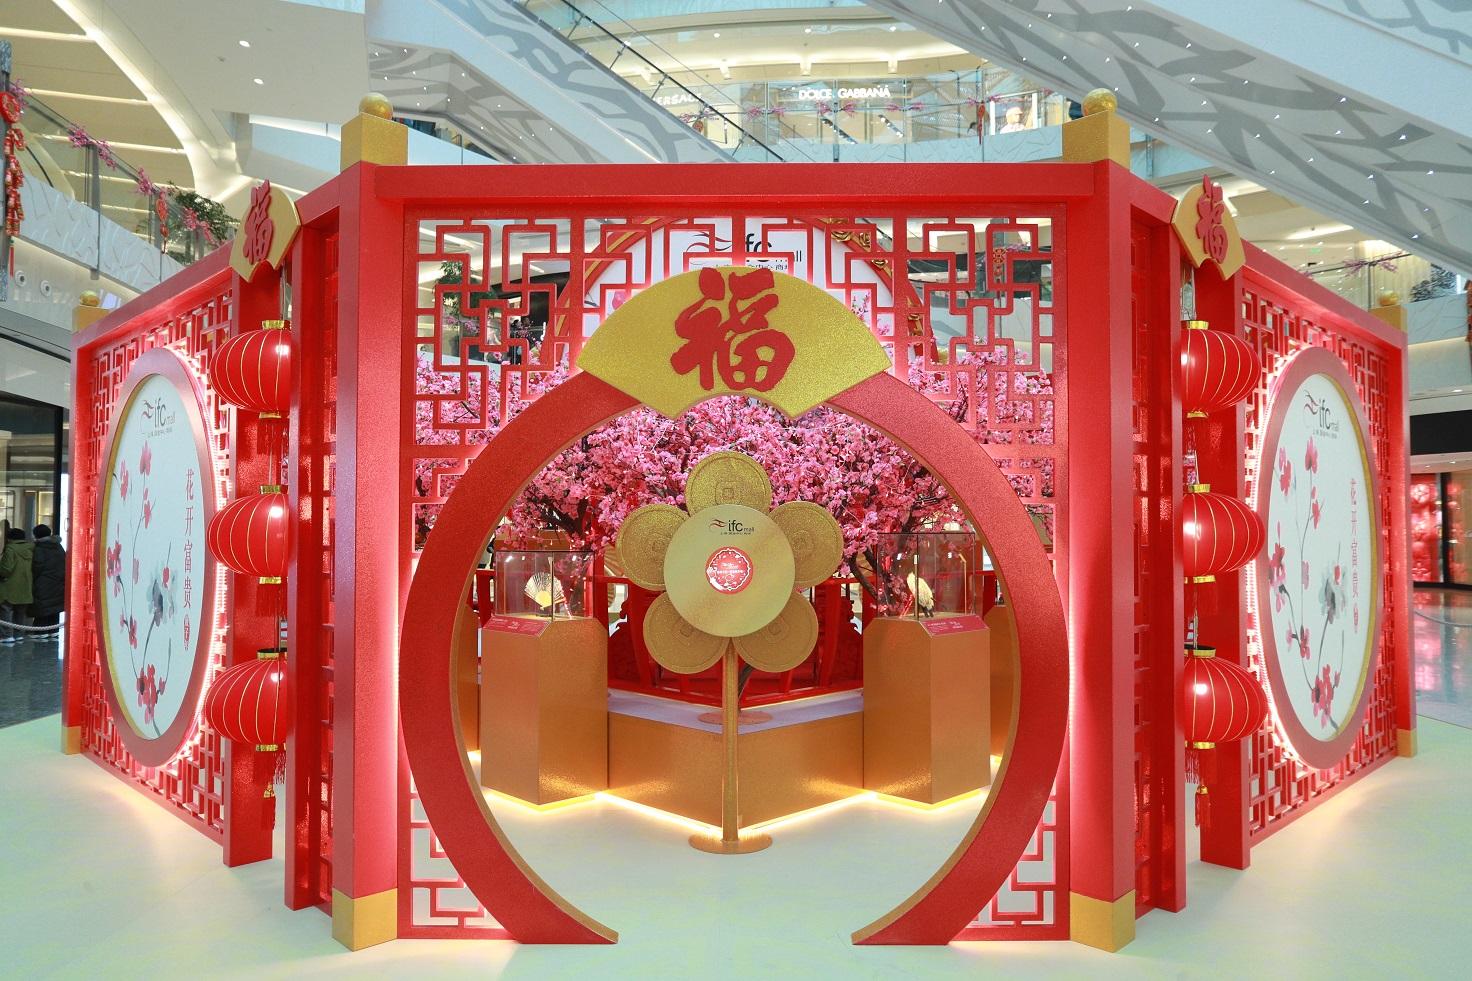 鸿运华园献新瑞 《世界珍品扇艺术展》亮相上海ifc商场